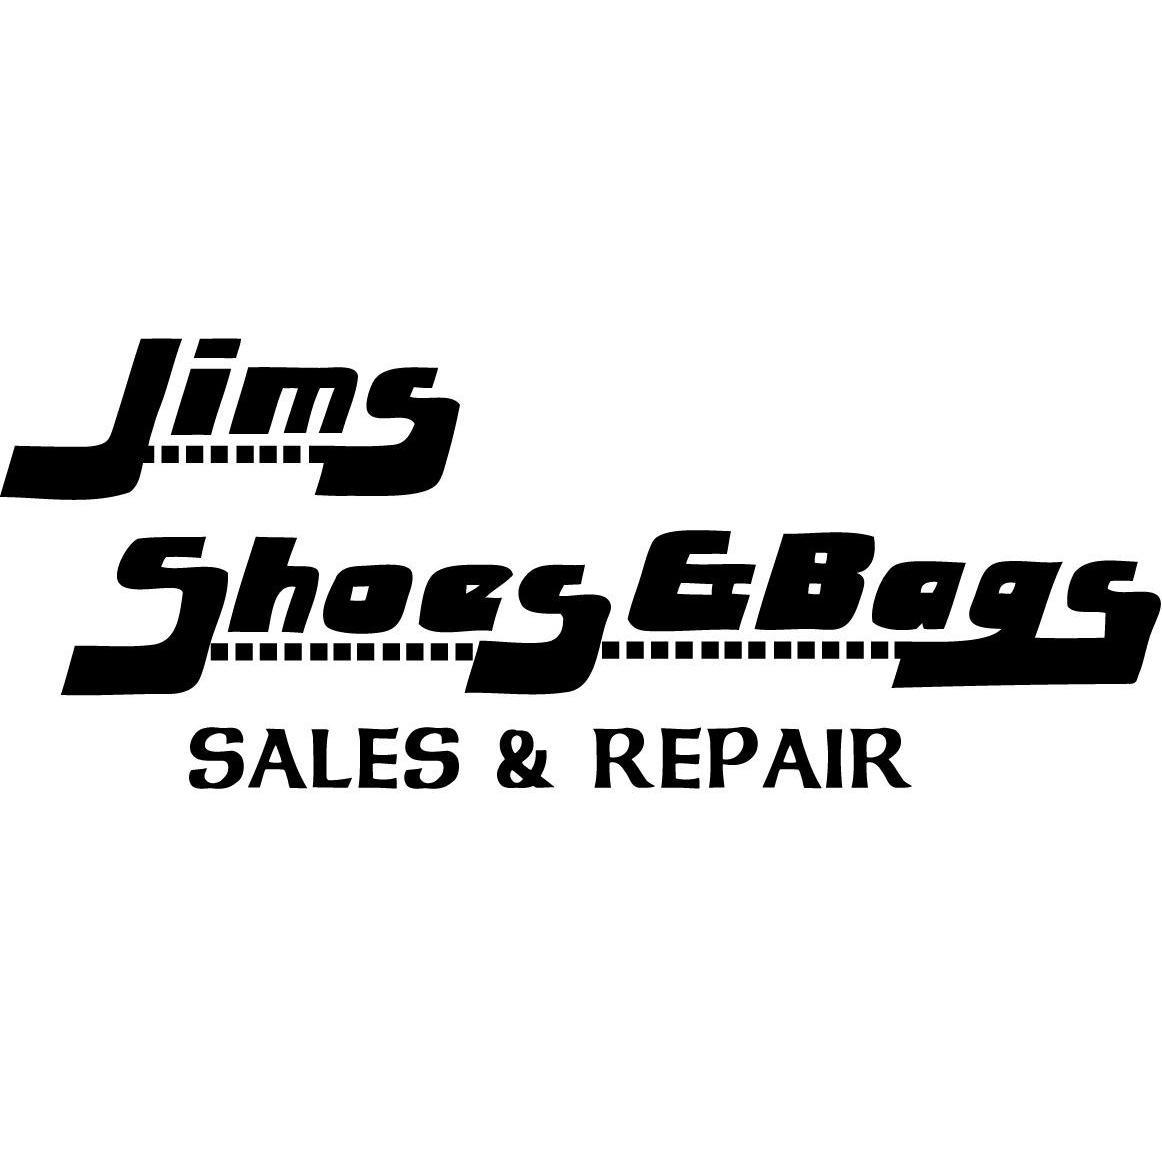 Jim's Shoes & Bags image 2